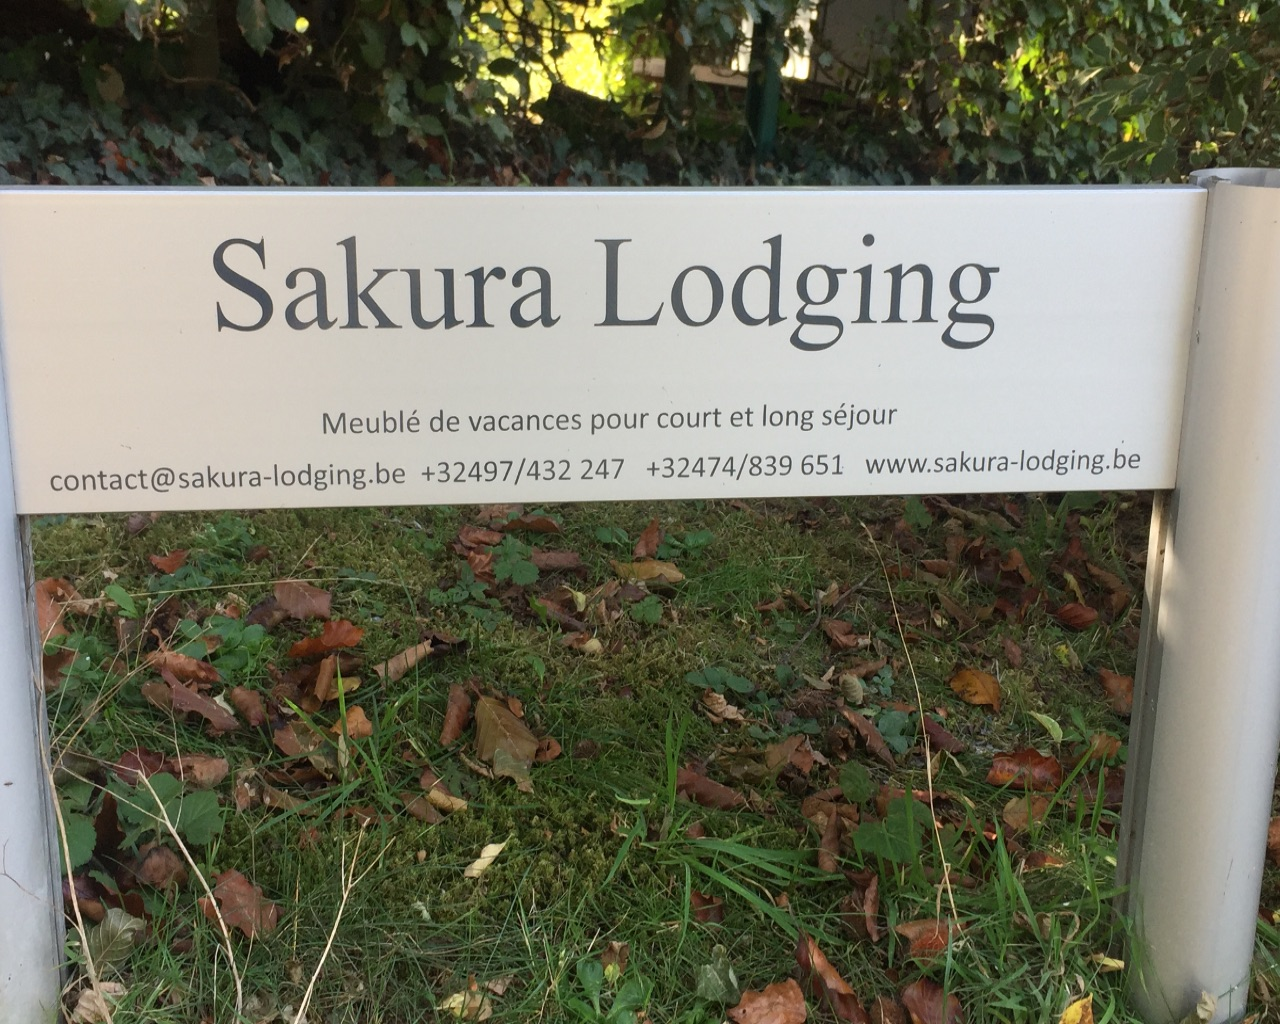 Sakura Lodging | Brabant | Rue des corbeaux31